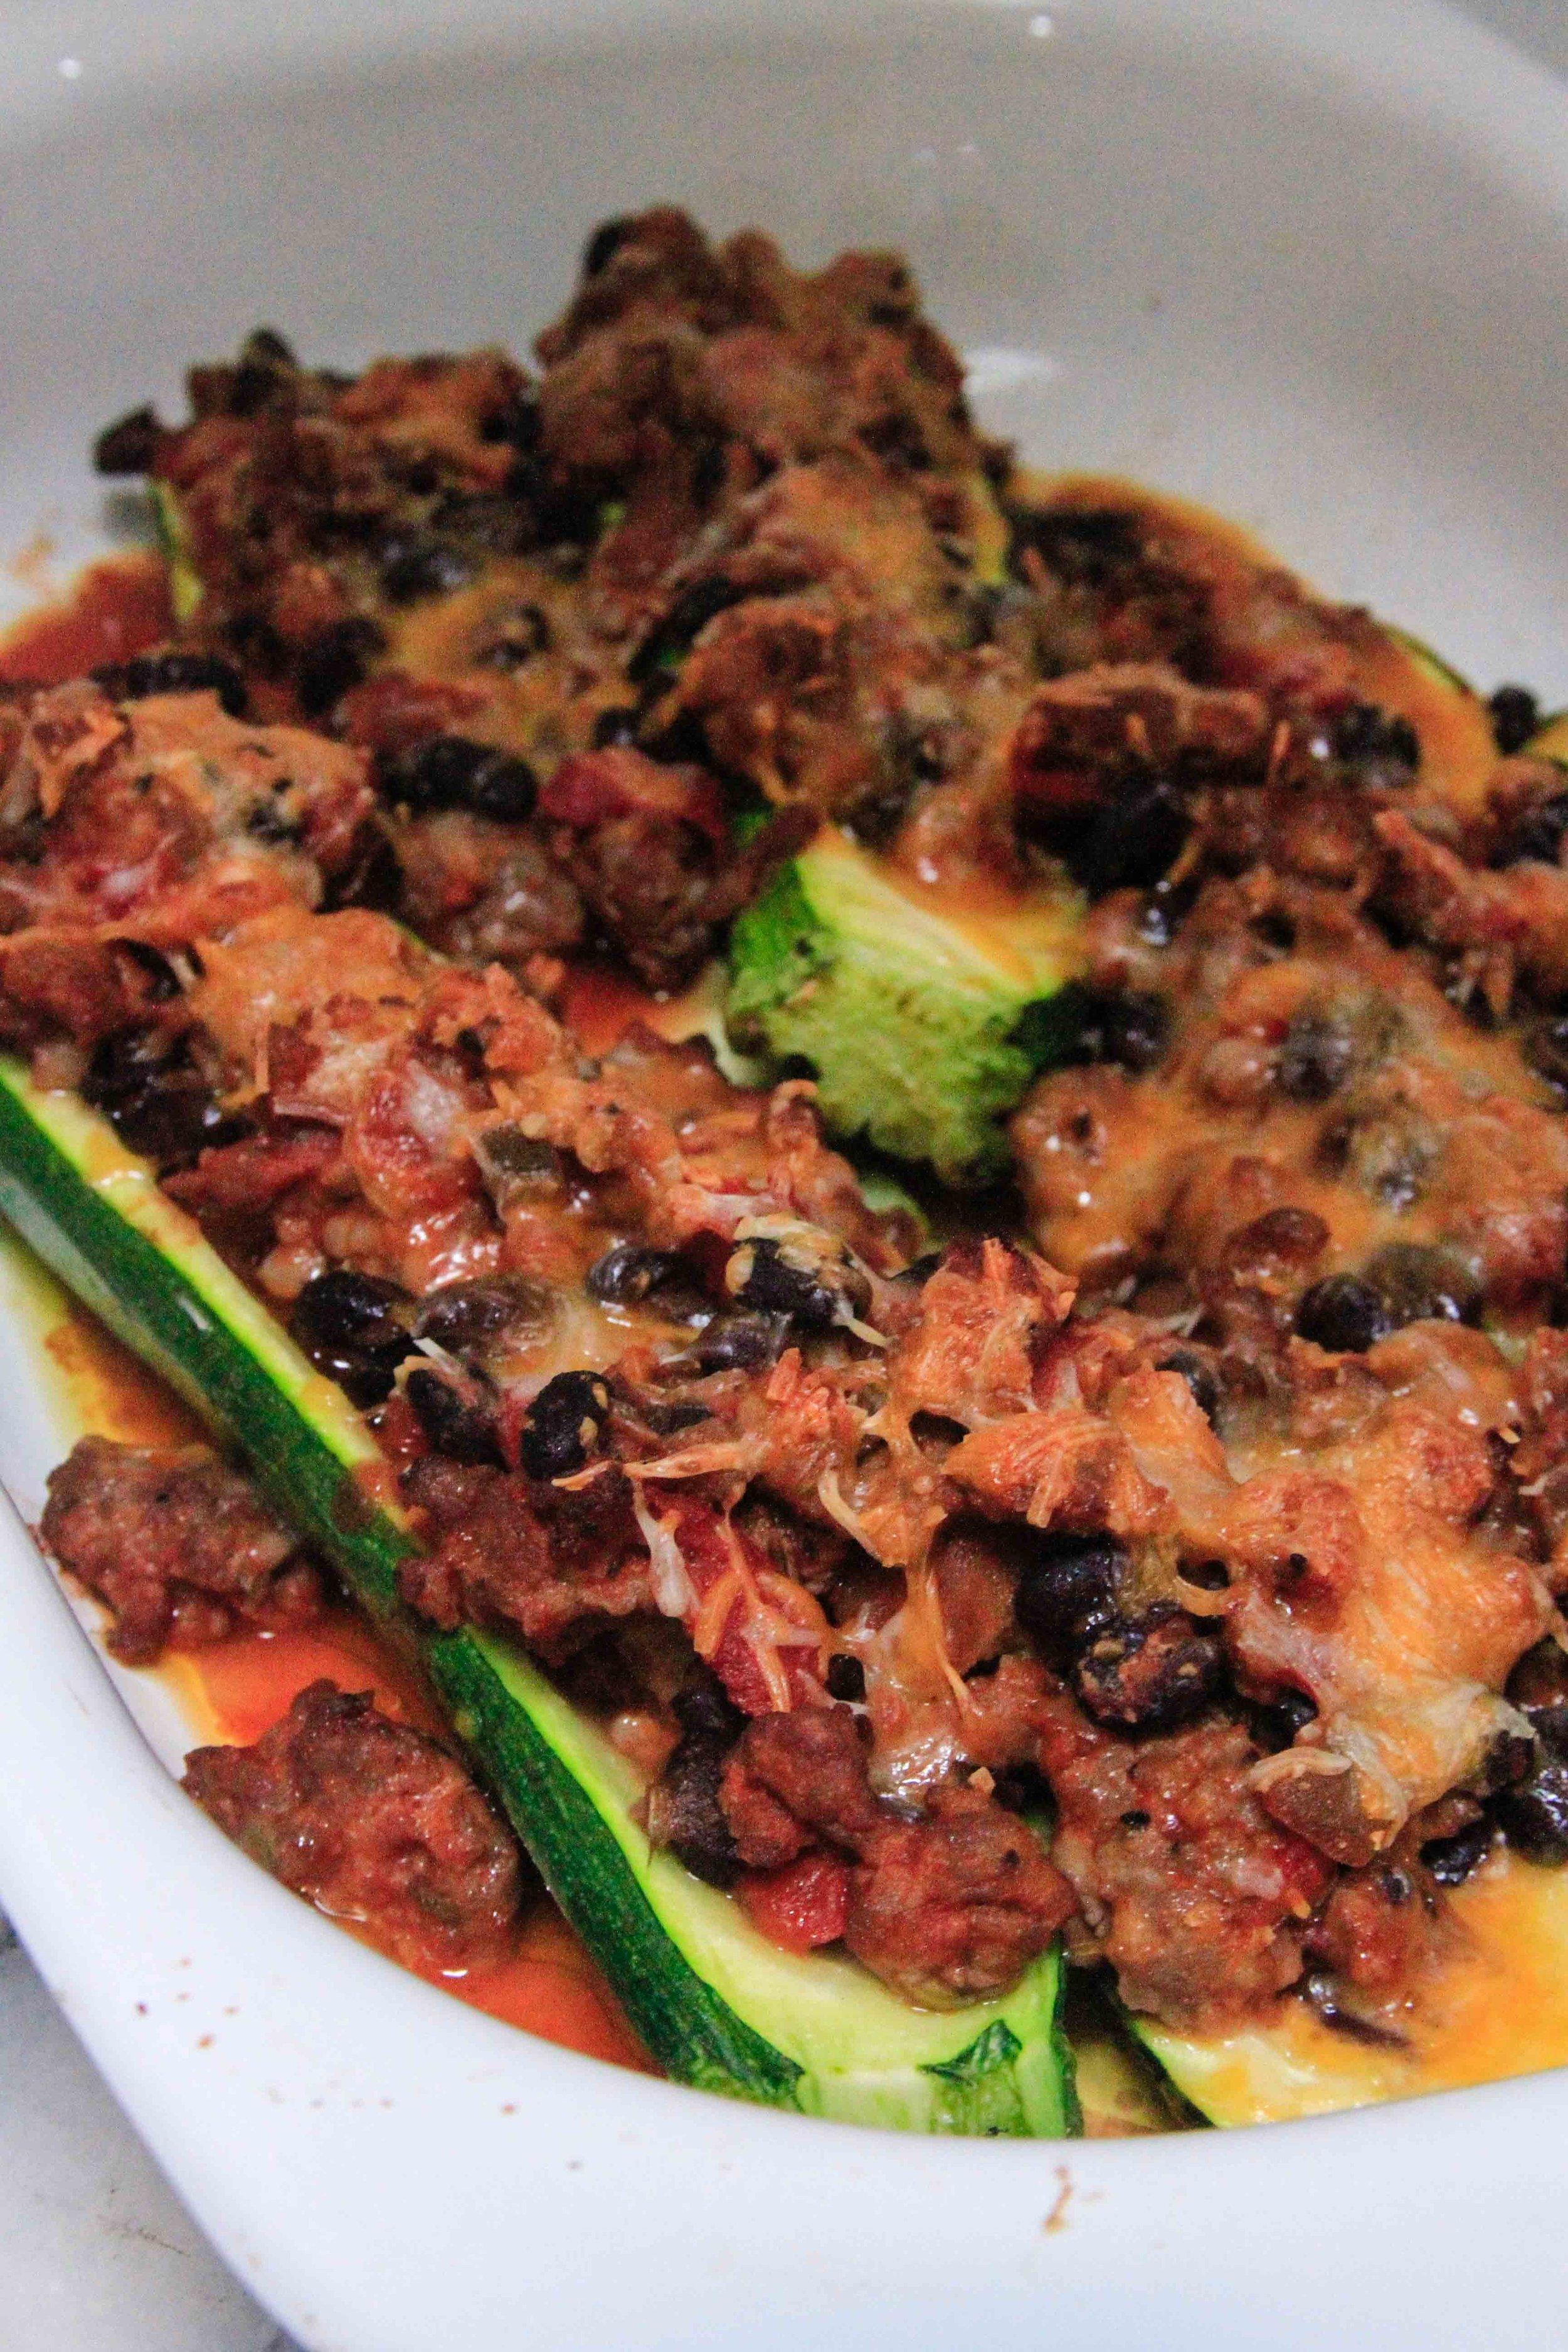 Chili-stuffed zucchini